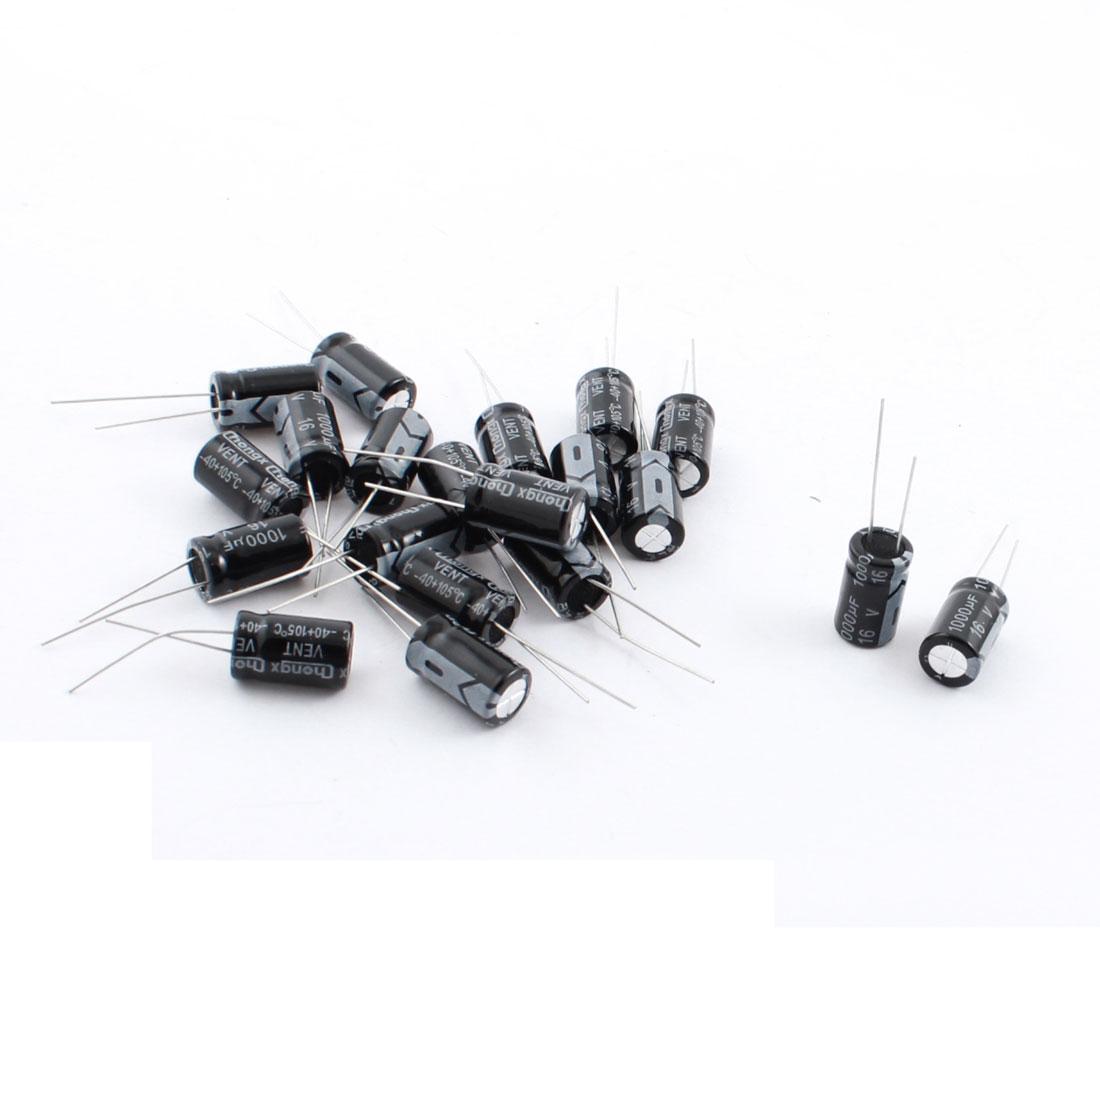 20pcs DC16V 1000UF Radial Cylindrical Aluminum Electrolytic Capacitor